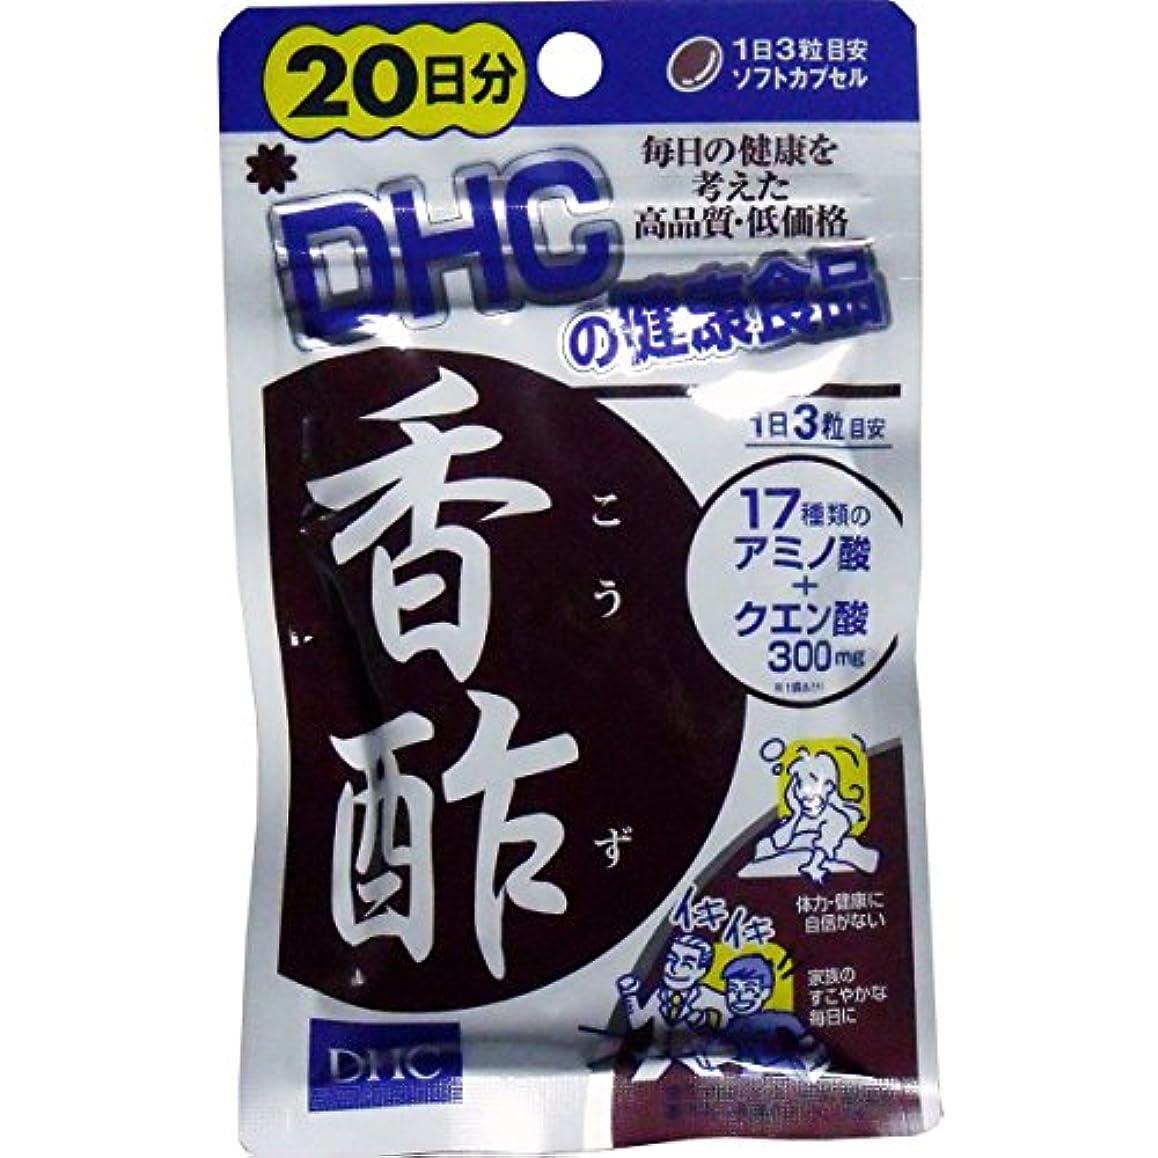 マンハッタン玉ねぎ恩赦DHC 香酢 20日分 60粒入「2点セット」